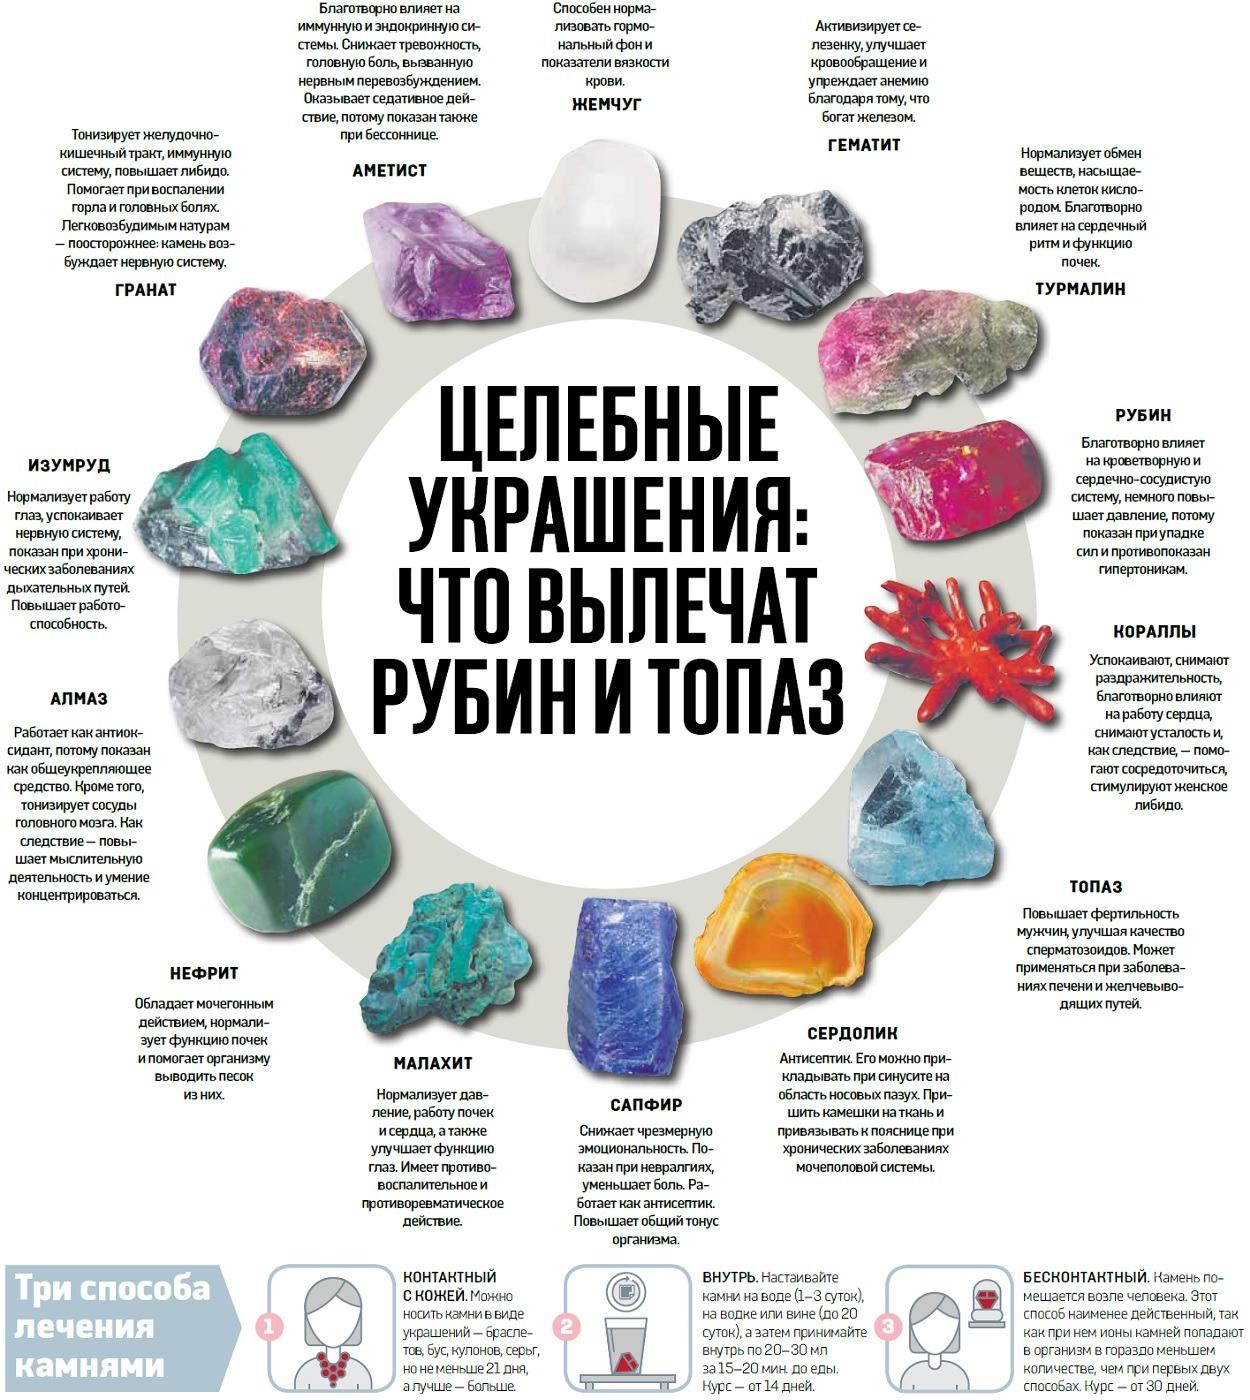 Лечебные свойства камней